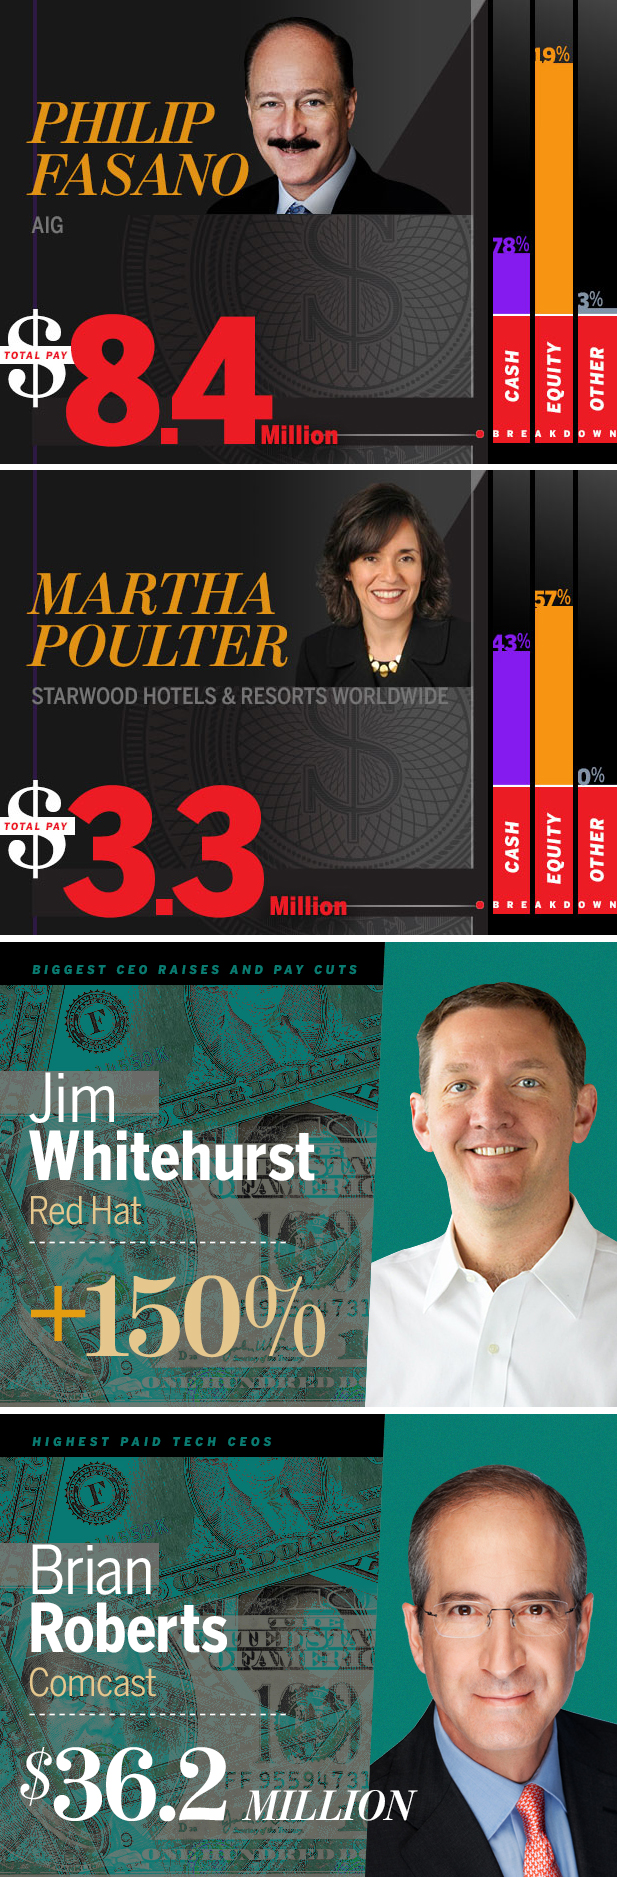 Networkworld.com :: CEO PAY